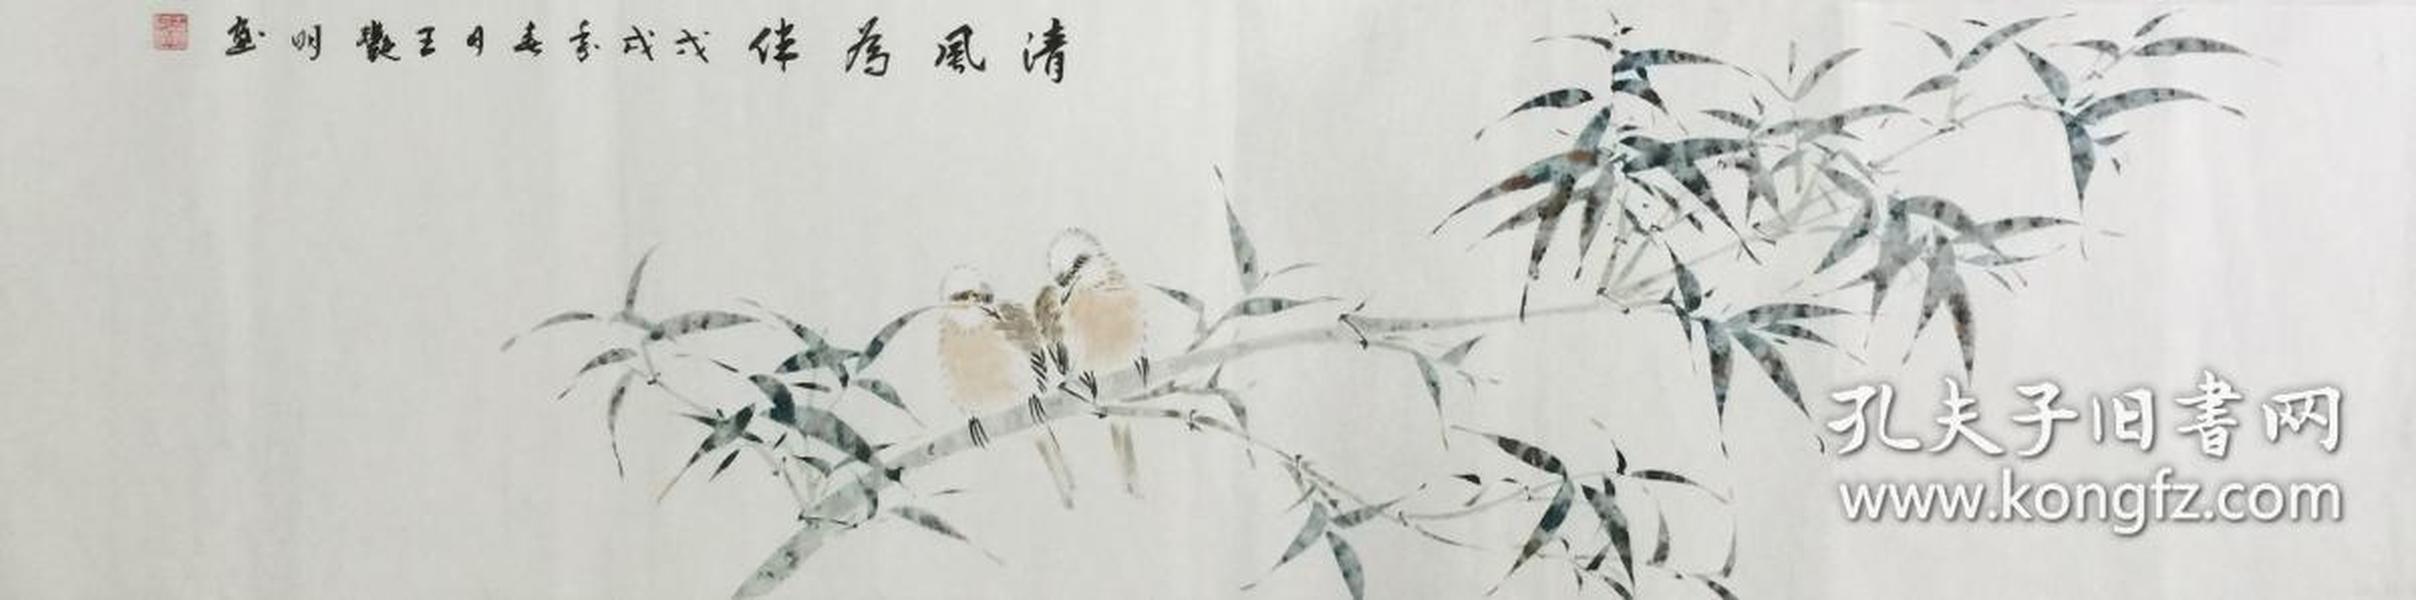 【保真】【王艷明】河南省美術家協會會員、作品廣為報刊、美術冊刊登,并被美術館收藏、作品入編《中華當代藝術家作品集》、《百名中國書畫家名錄》、四尺對開花鳥畫(138*34CM)(清風為伴)。